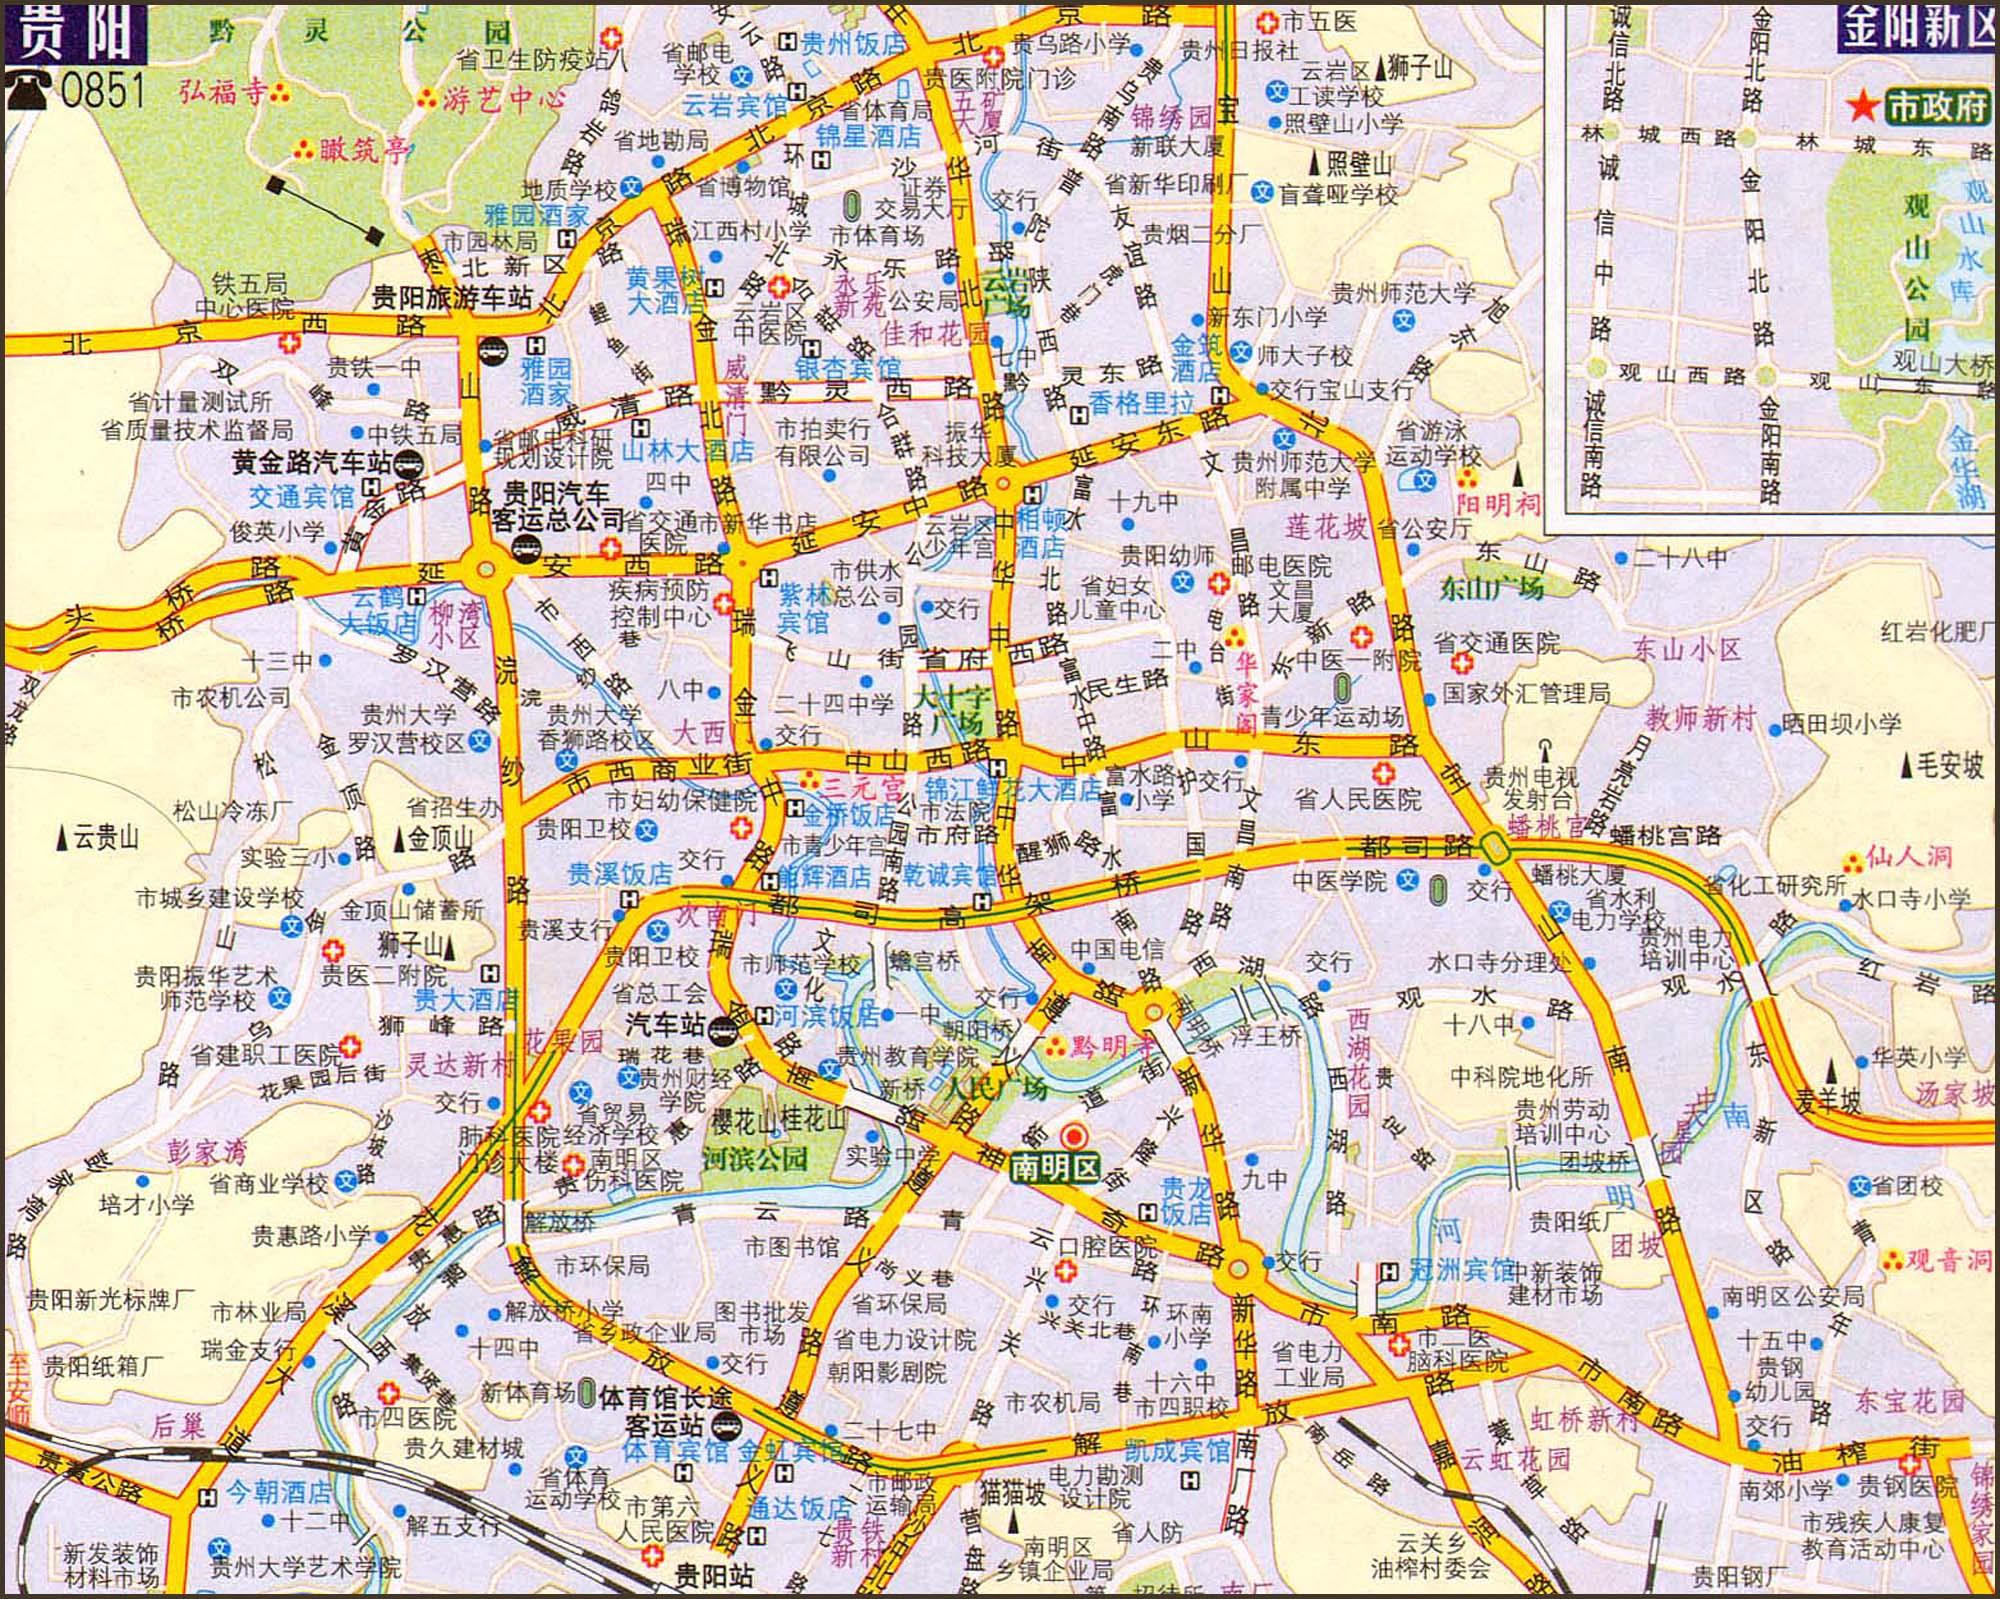 贵阳交通地图2017版